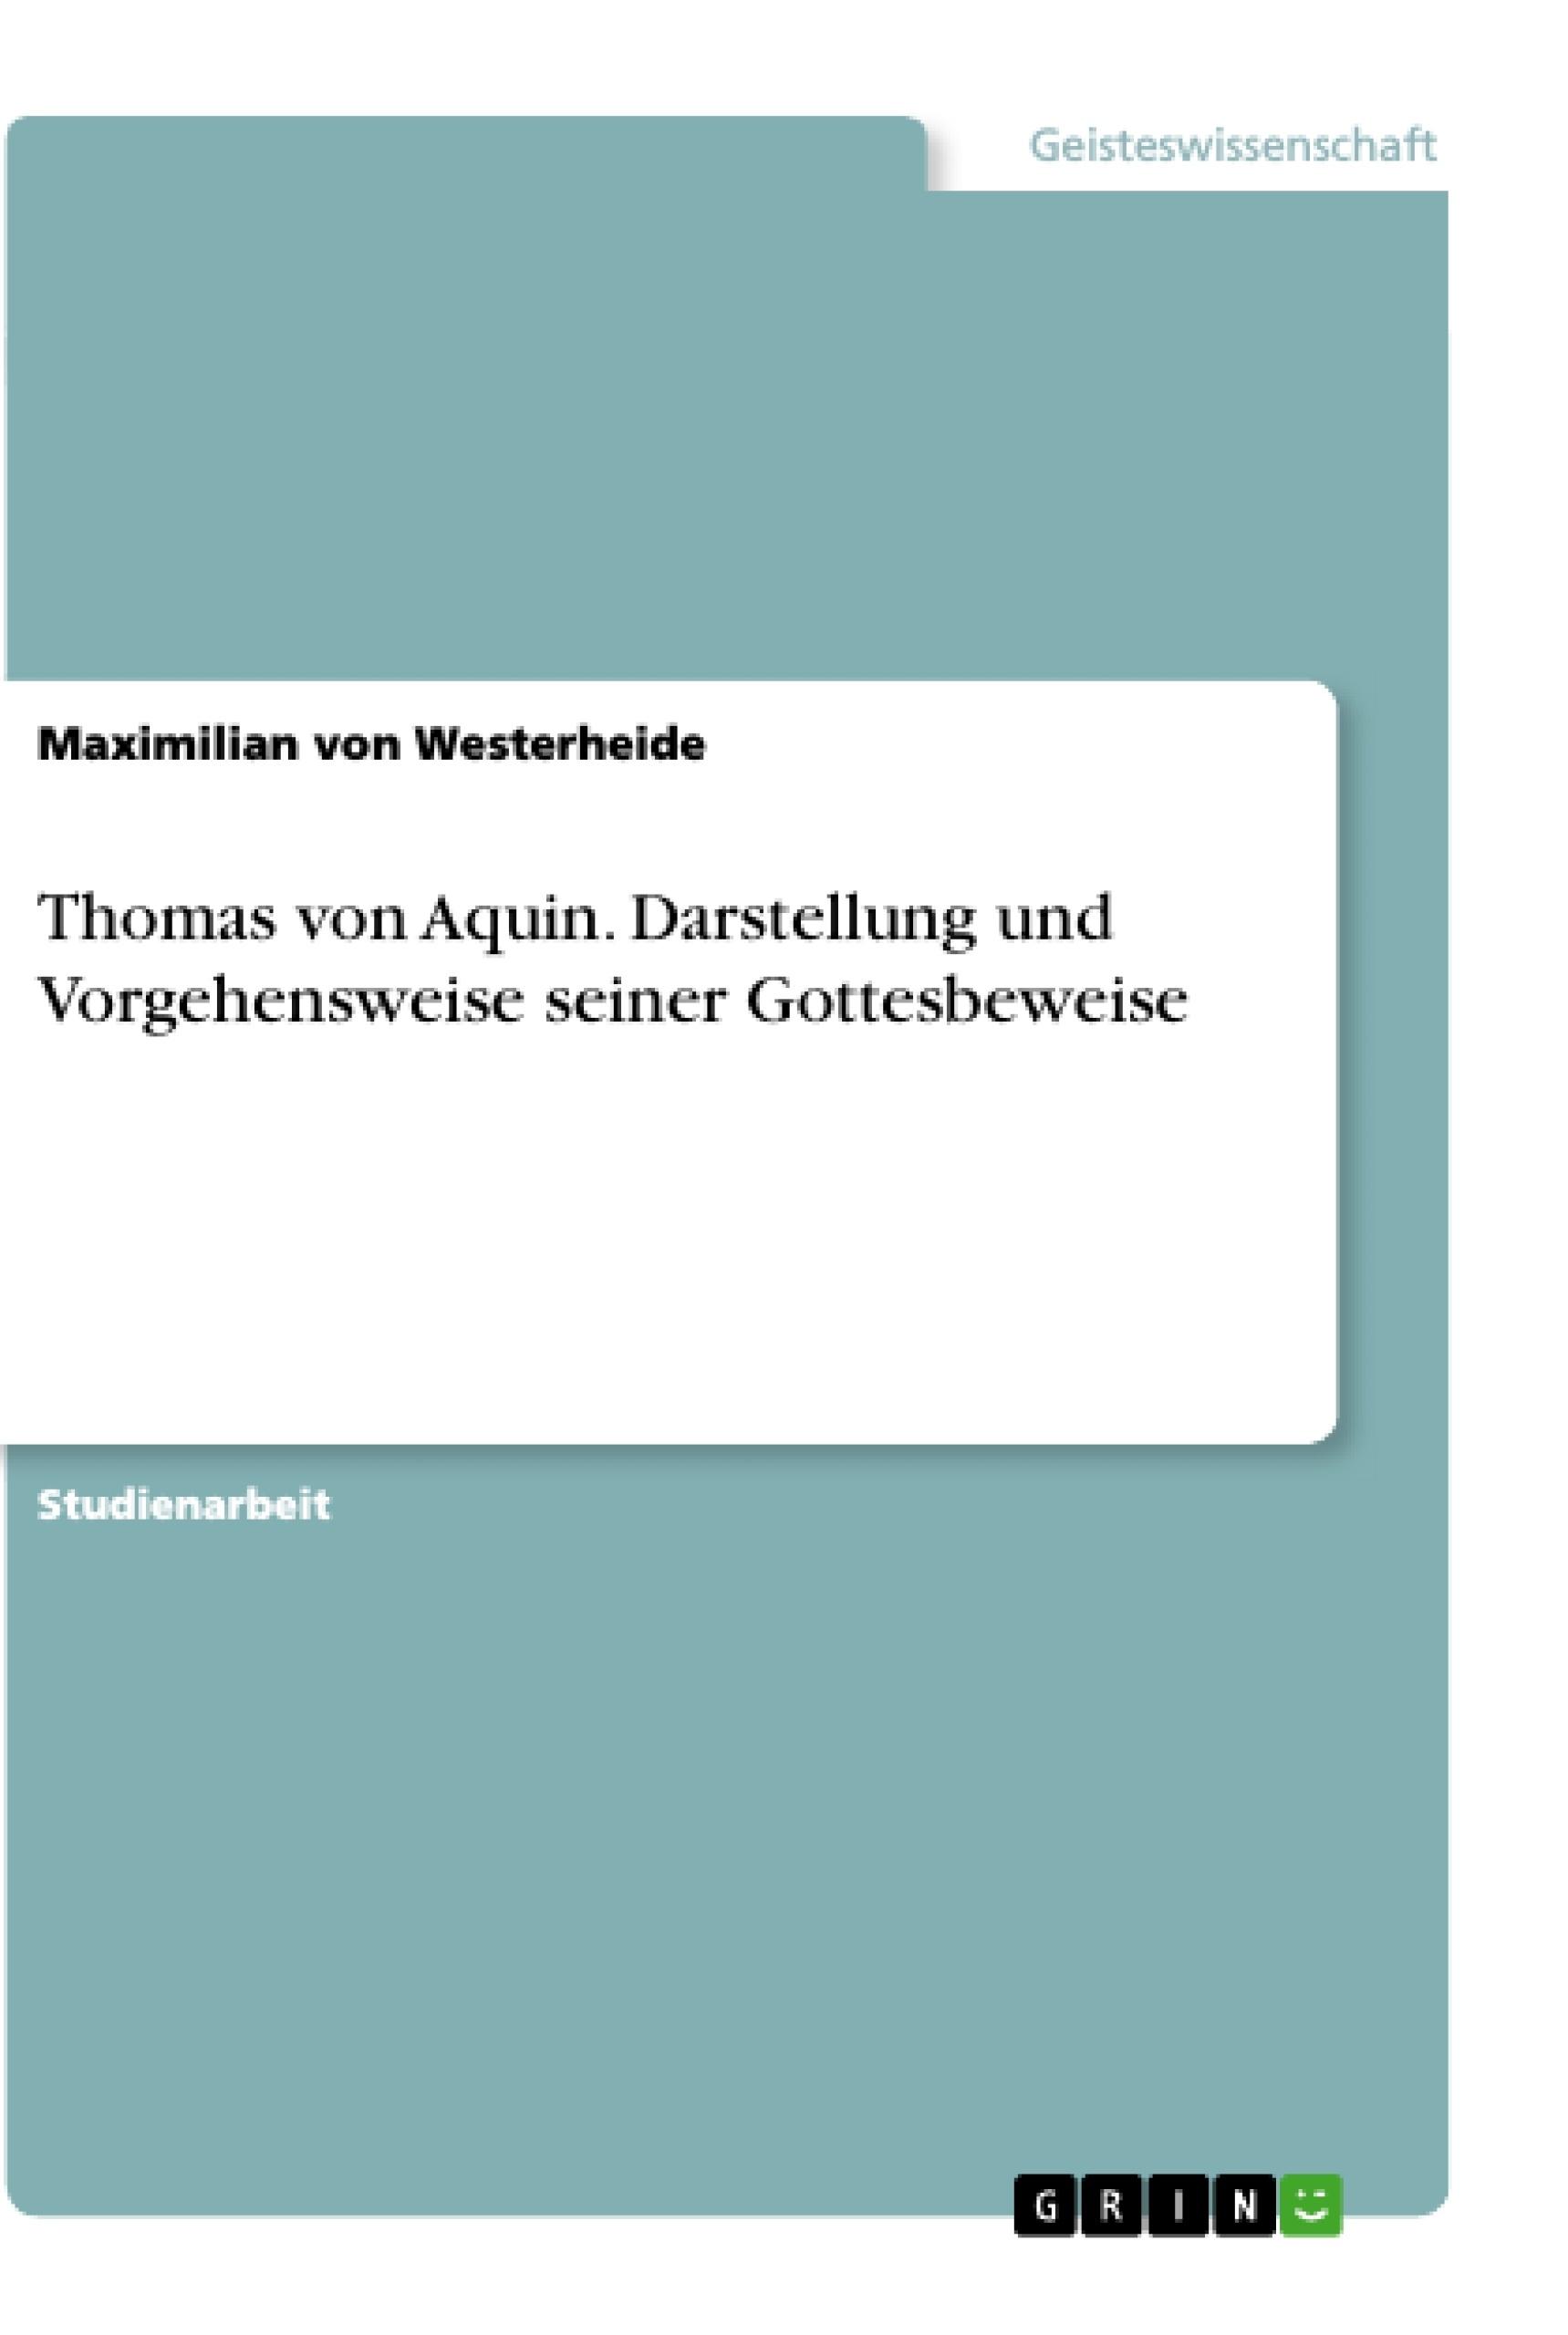 Titel: Thomas von Aquin. Darstellung und Vorgehensweise seiner Gottesbeweise